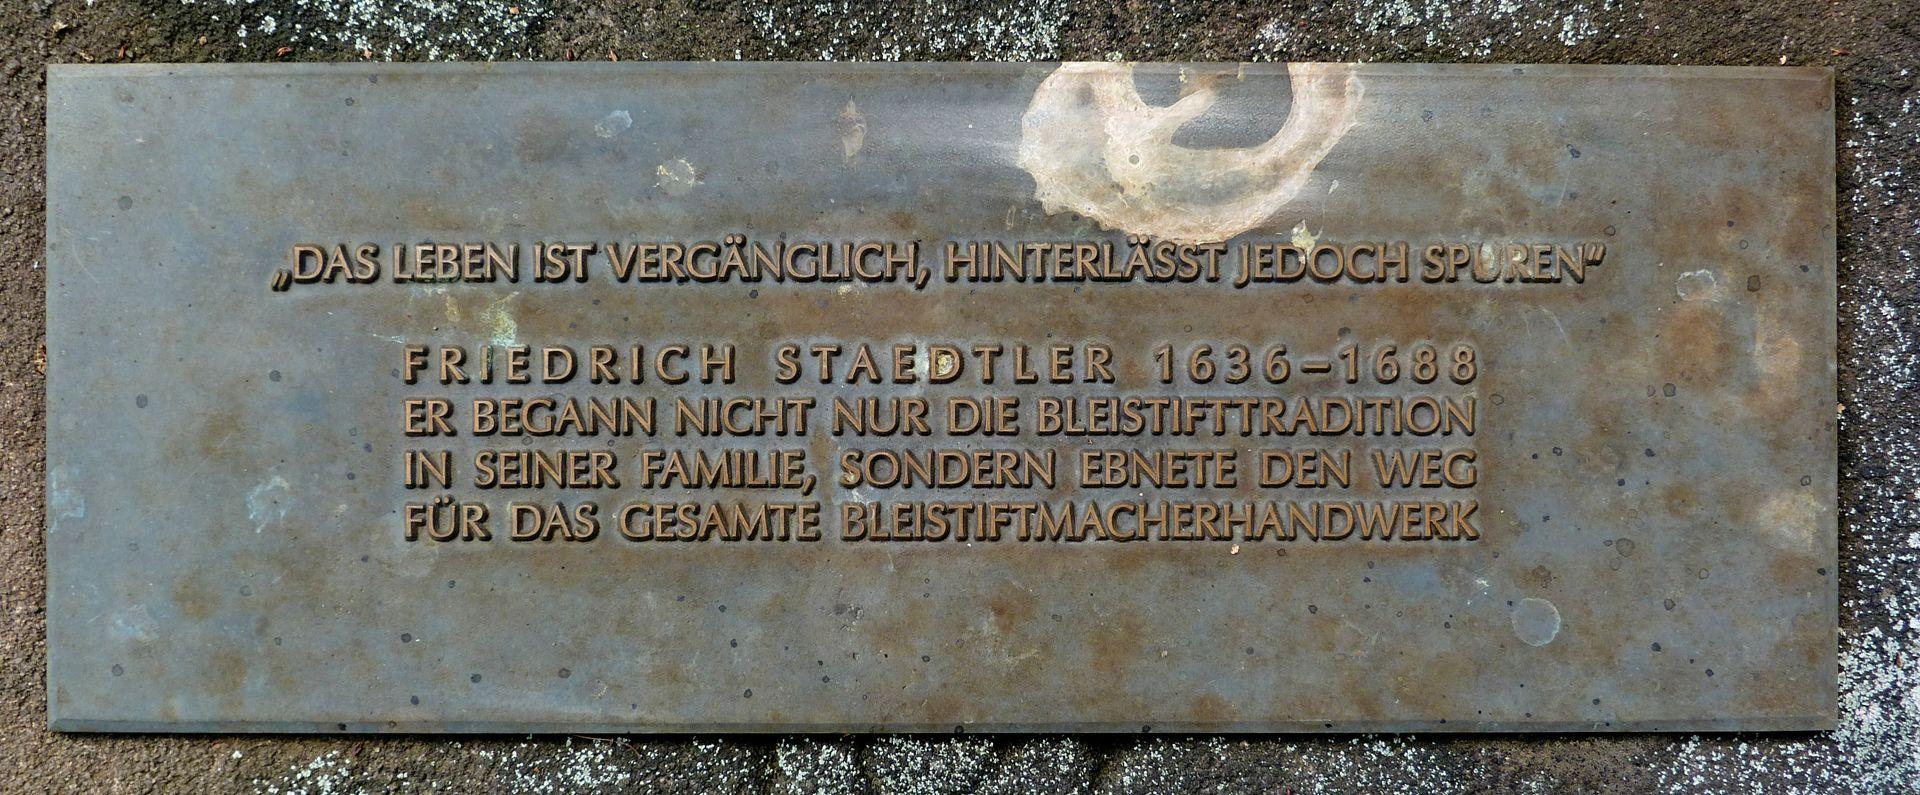 Friedrich Staedler gravesite Inscription